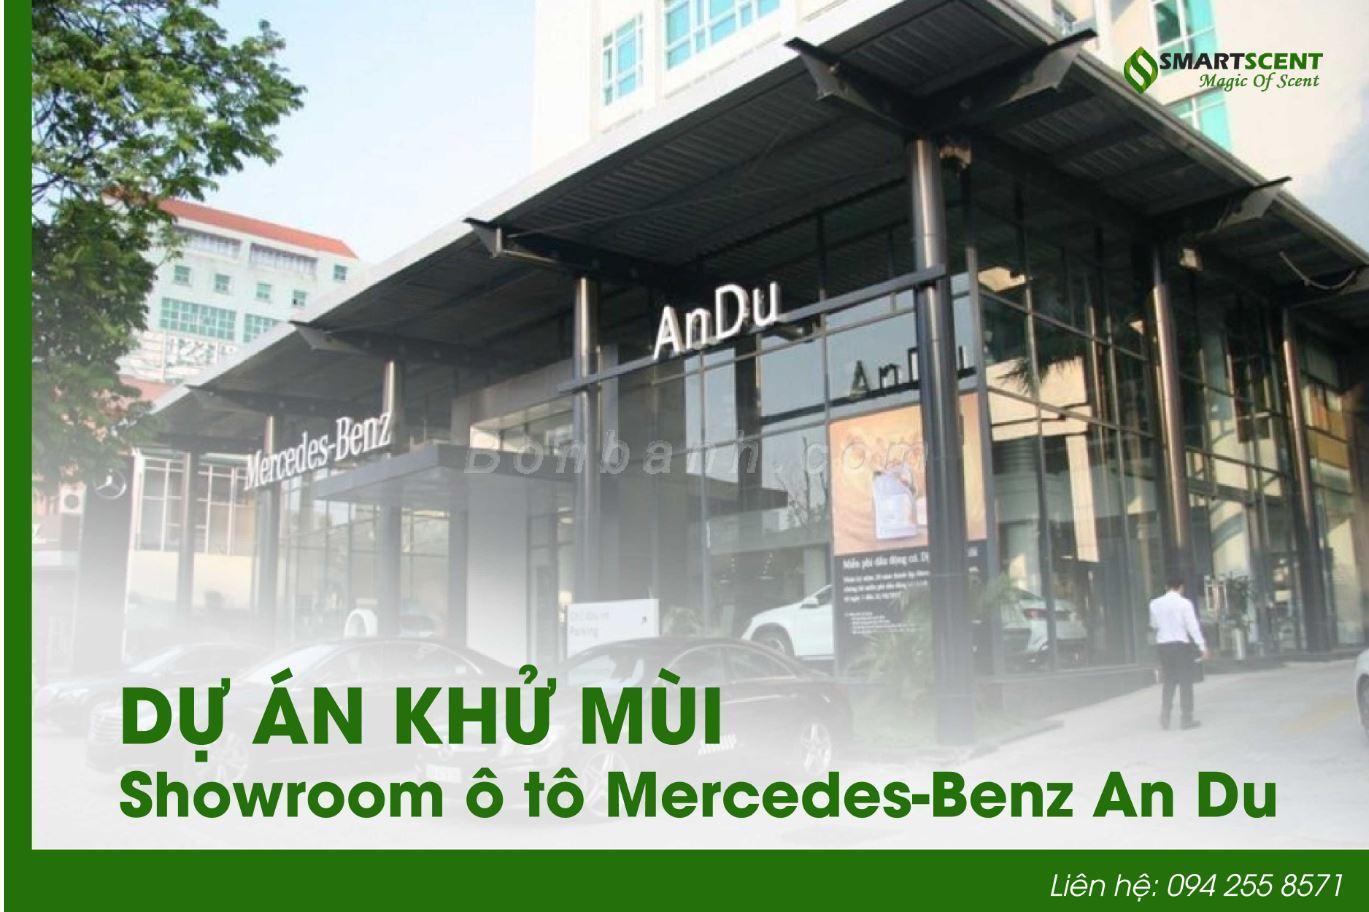 khử mùi showroom ô tô ở Hà Nội